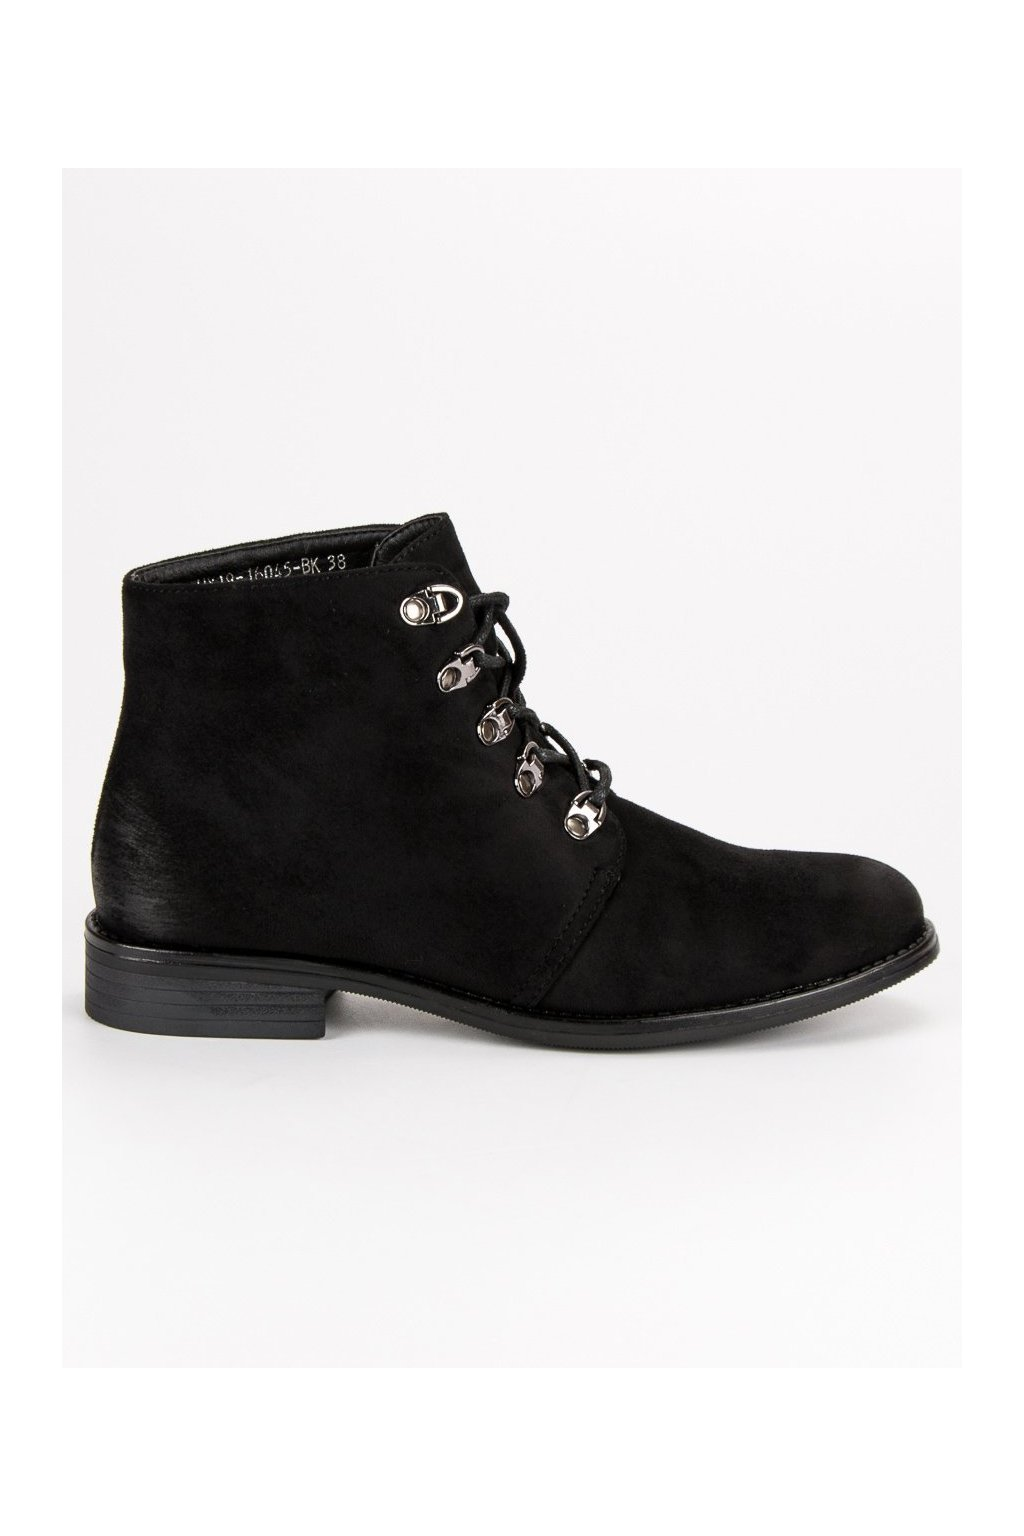 Čierne dámske topánky na plochom opätku Vinceza HX19-16045B